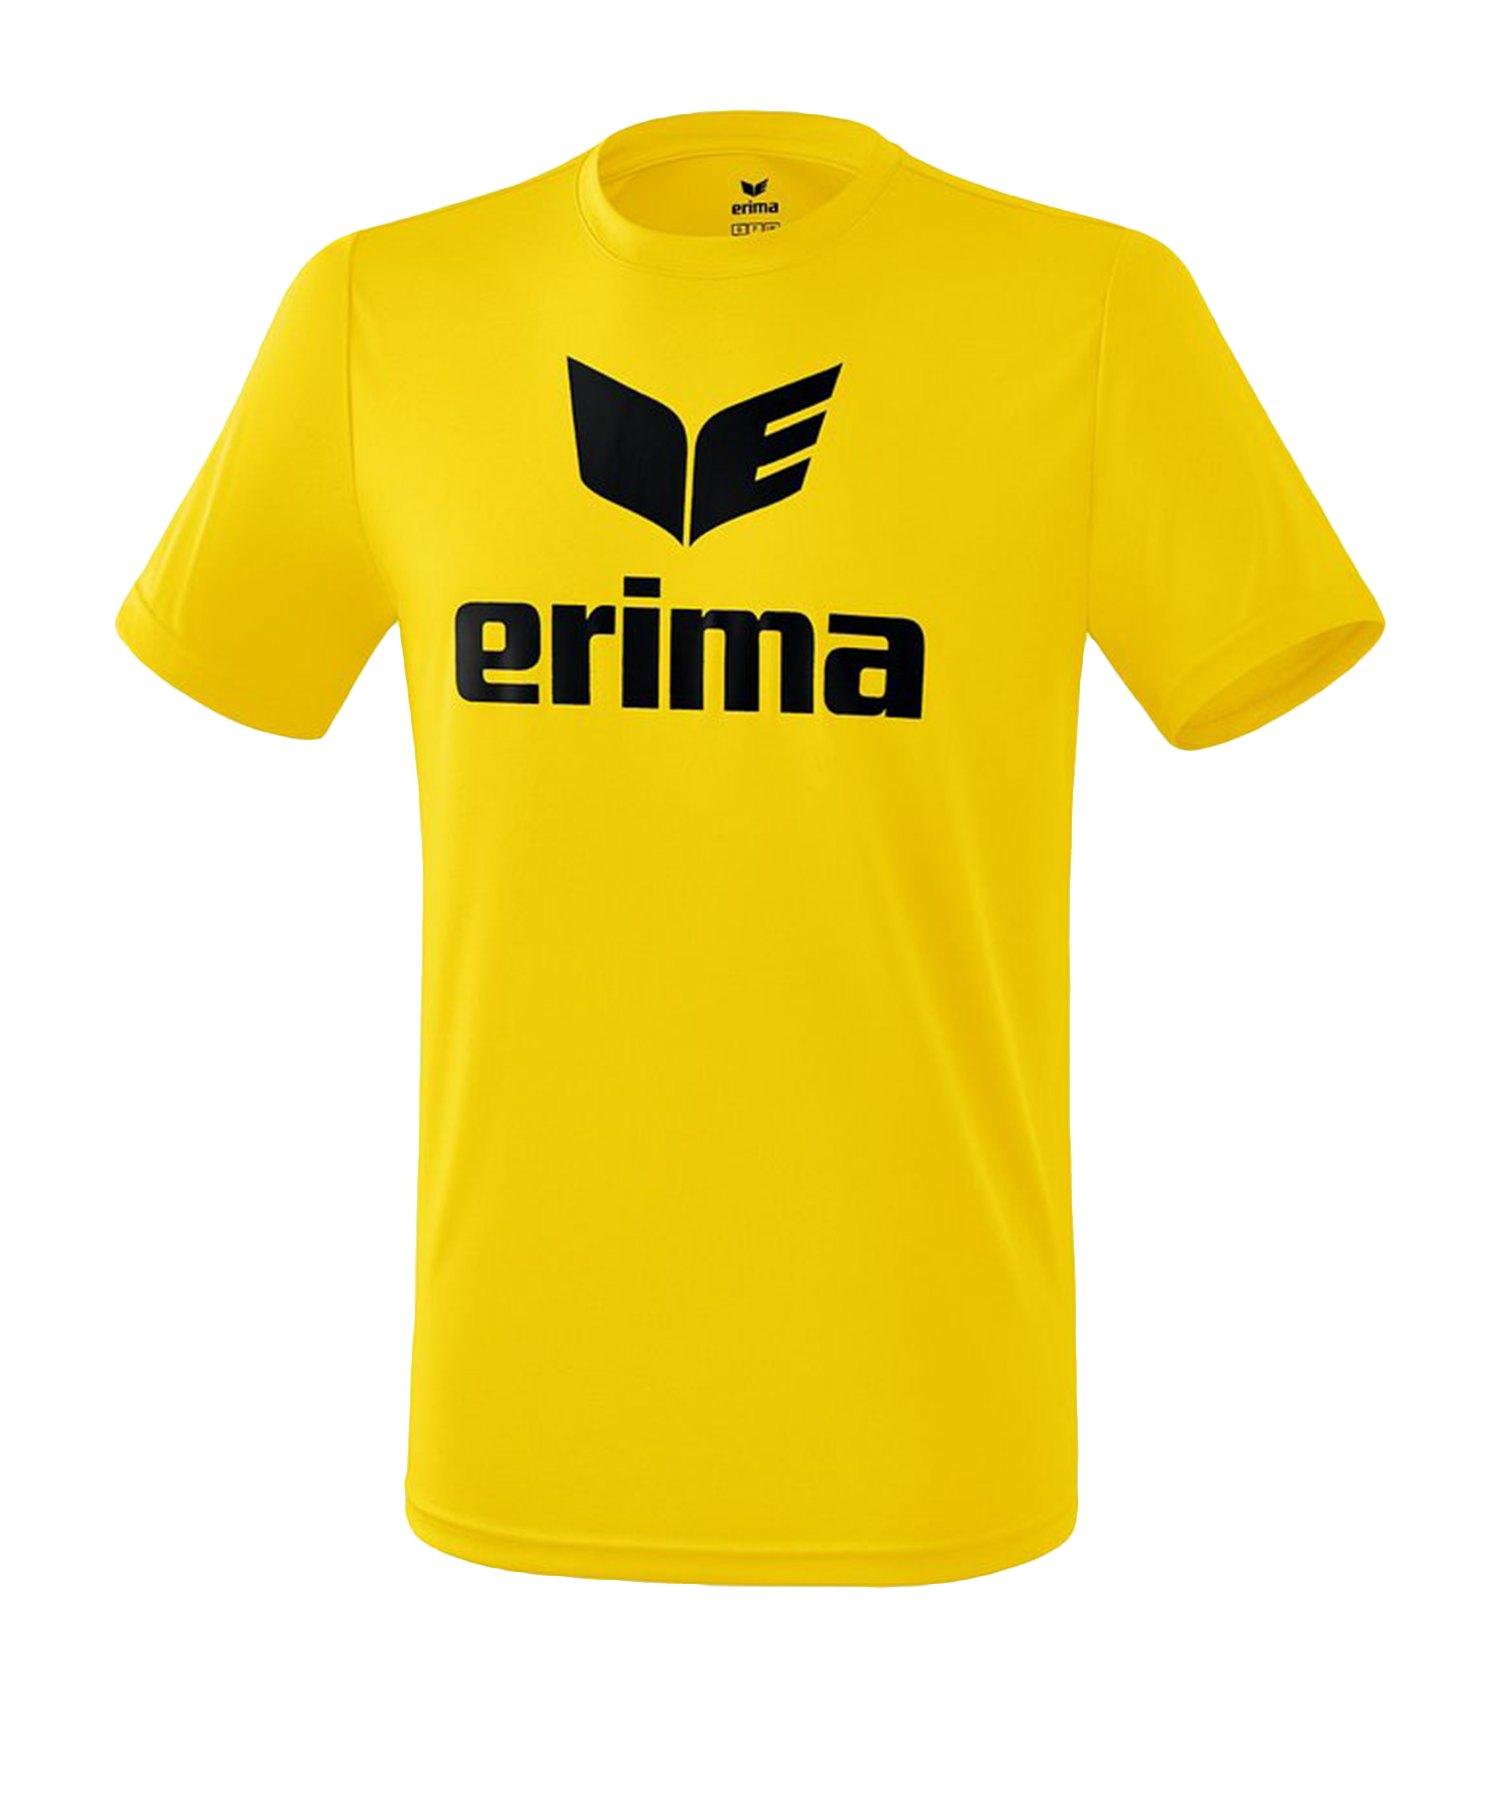 Erima Funktions Promo T-Shirt Gelb Schwarz - Gelb